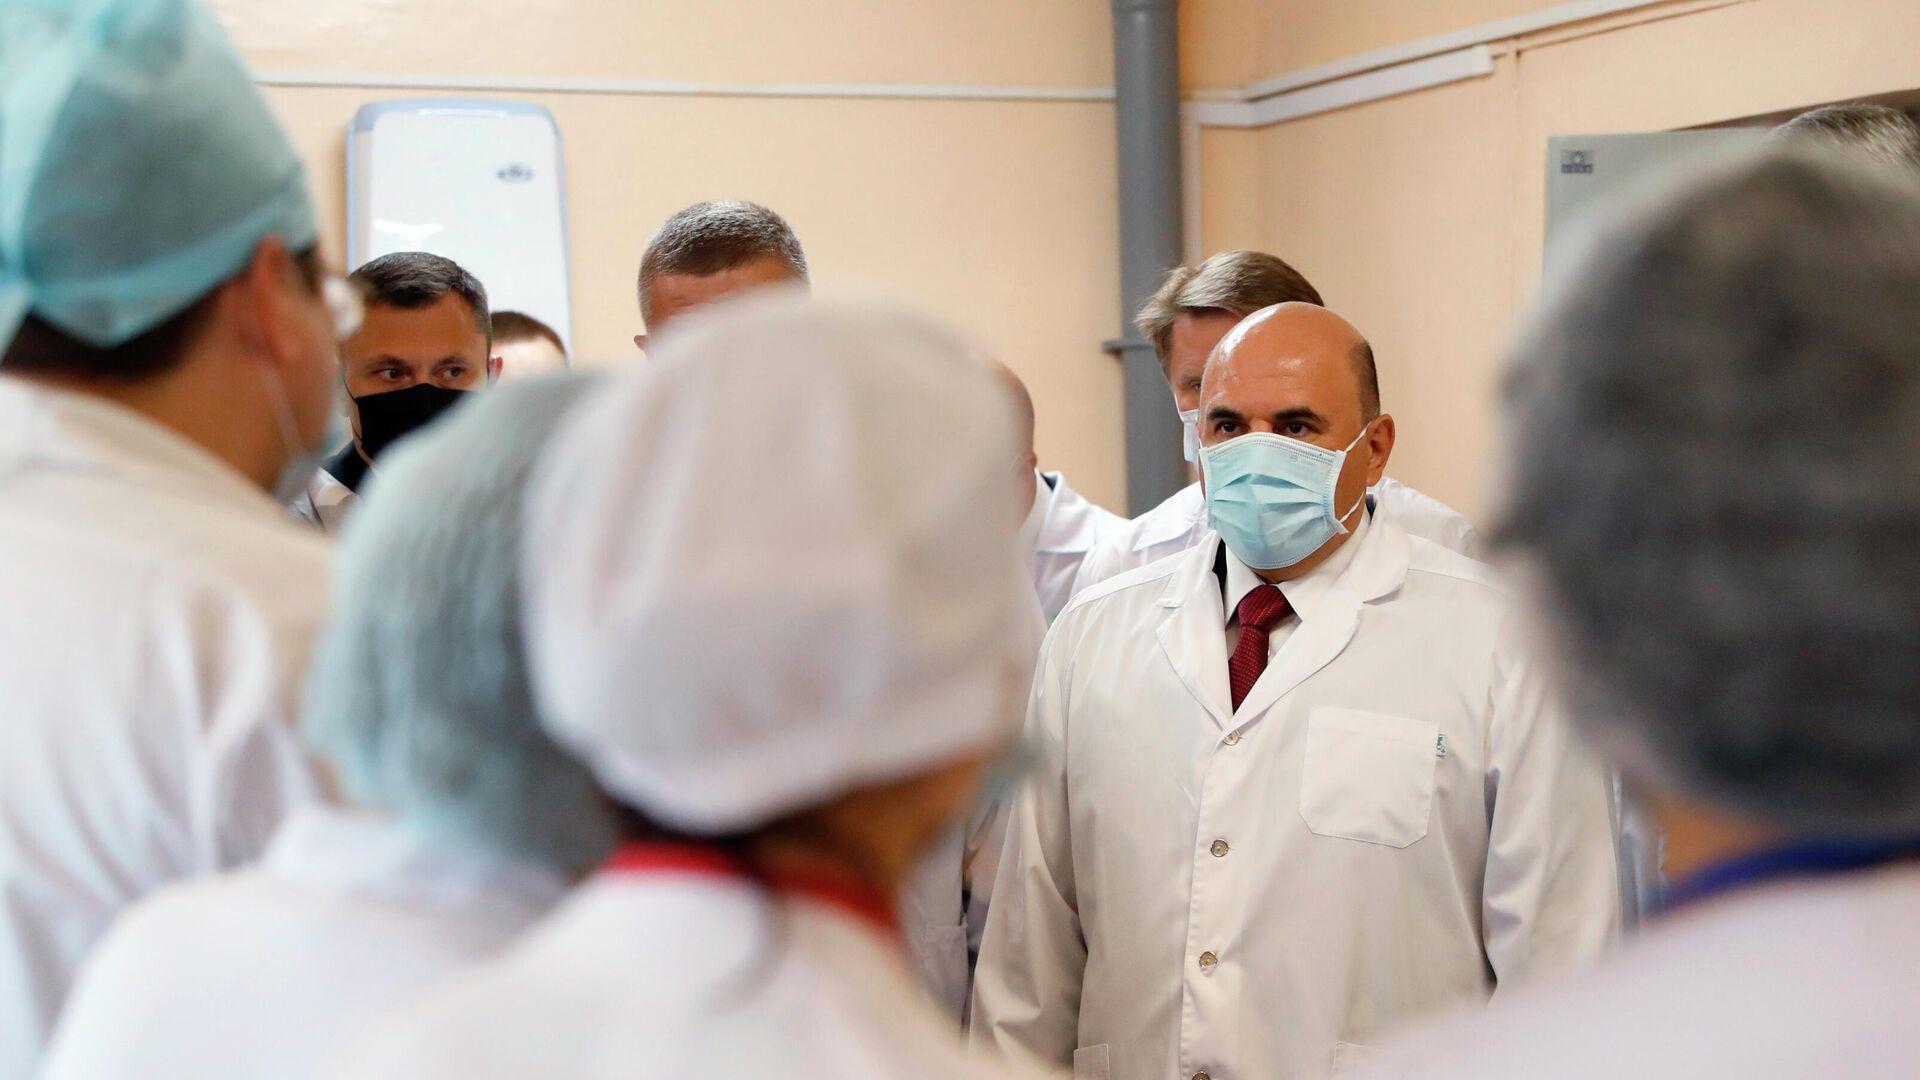 Председатель правительства РФ Михаил Мишустин во время осмотра больницы - РИА Новости, 1920, 18.06.2021